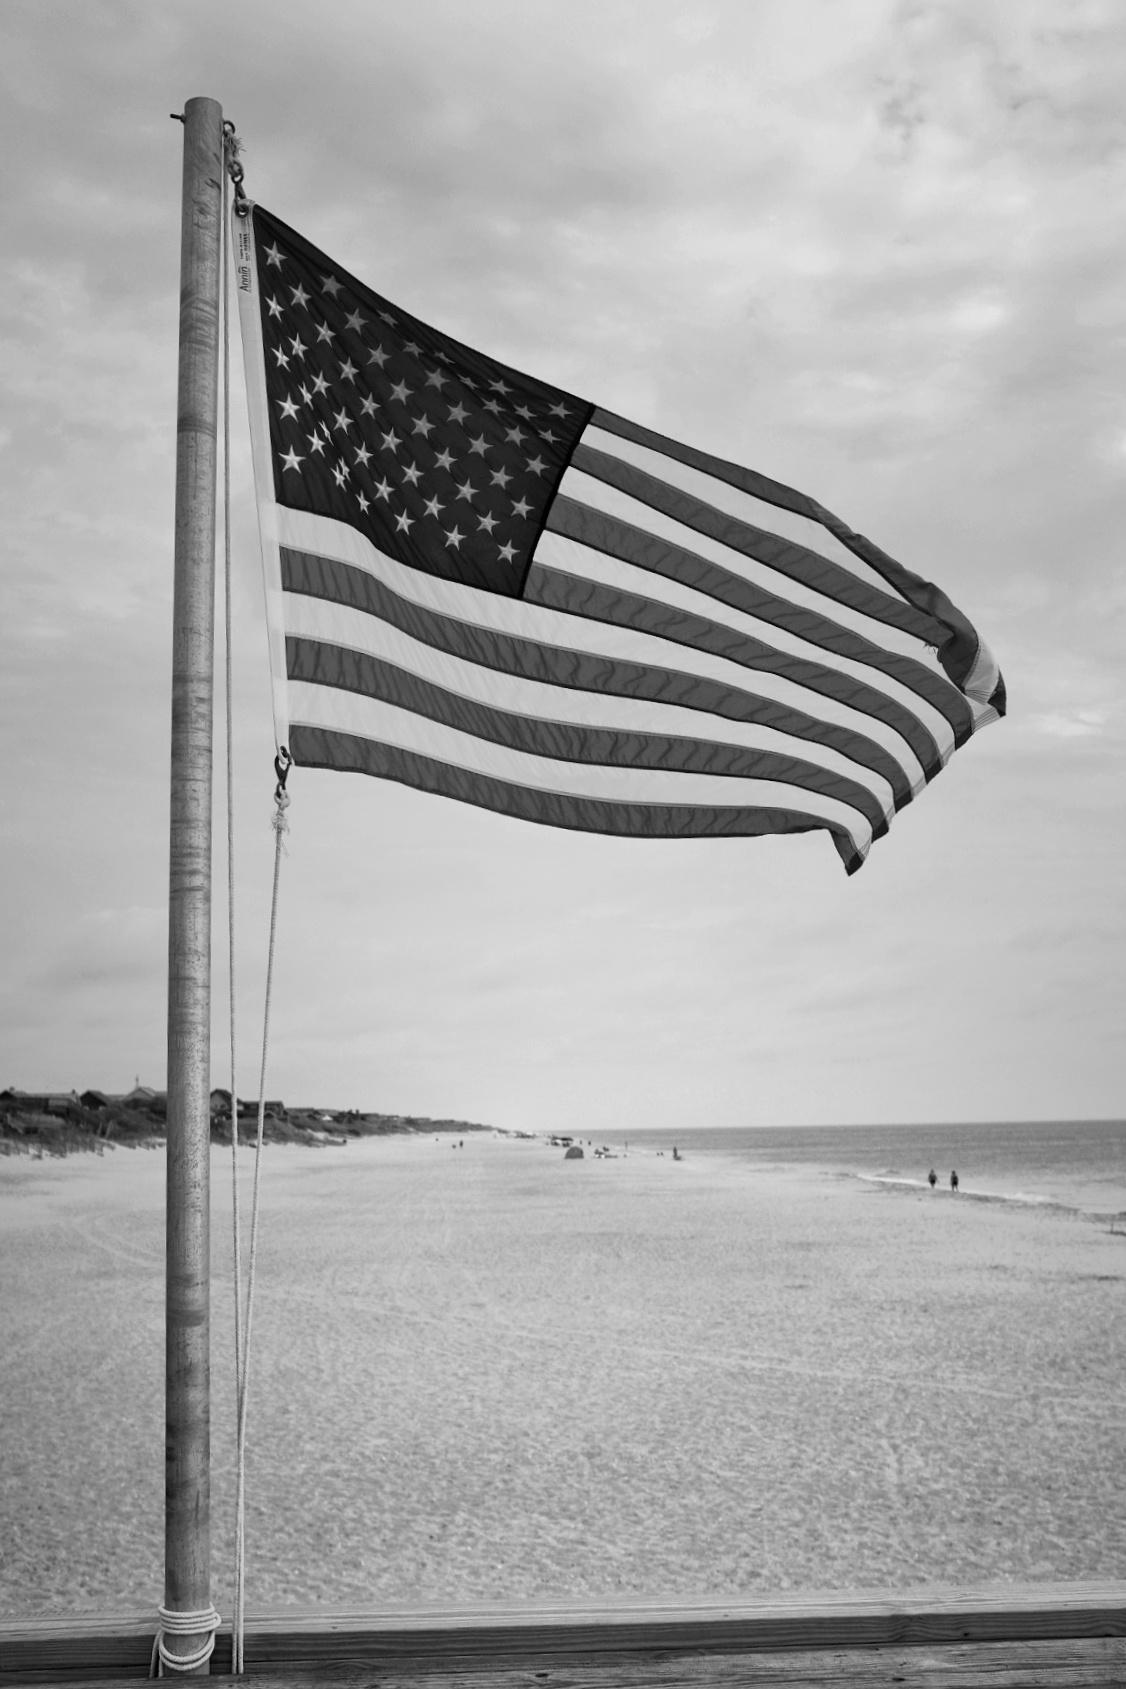 Outer Banks, North Carolina 2019